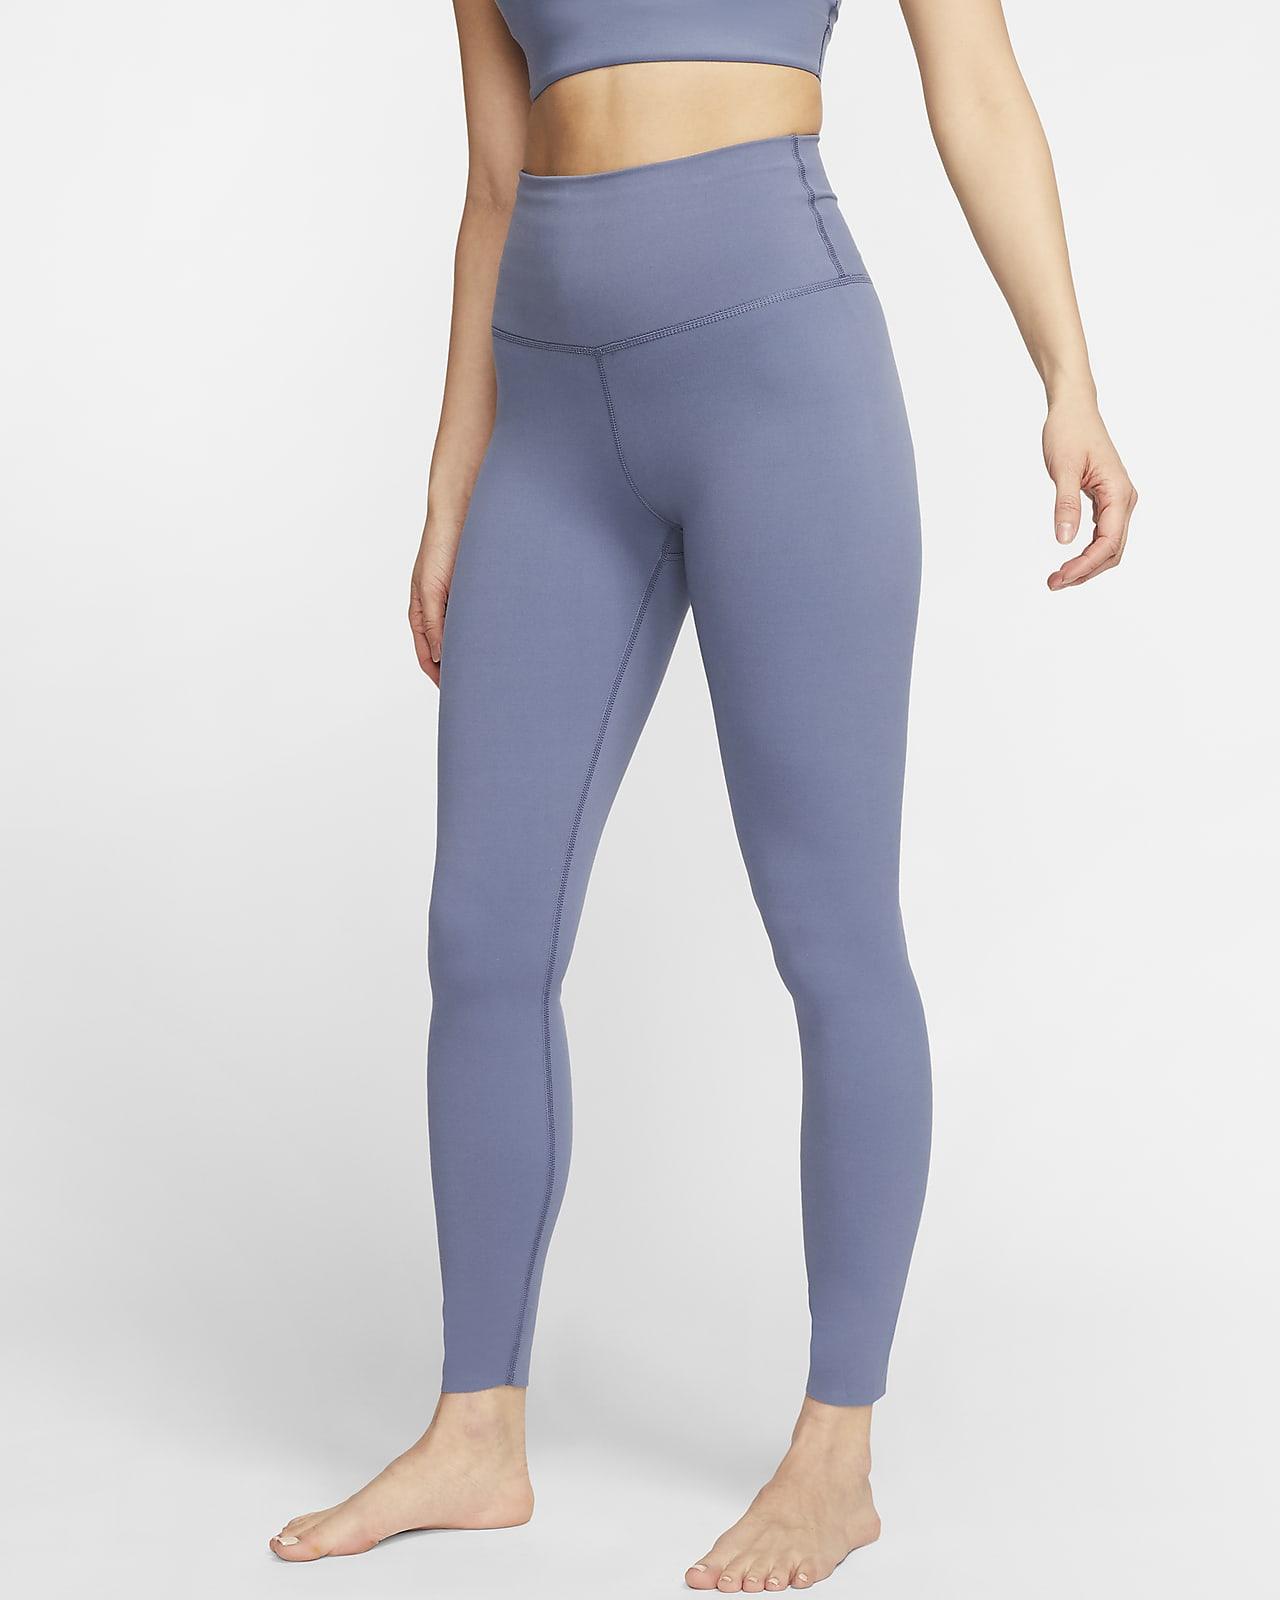 Dámské 7/8 legíny Nike Yoga Luxe z Infinalonu